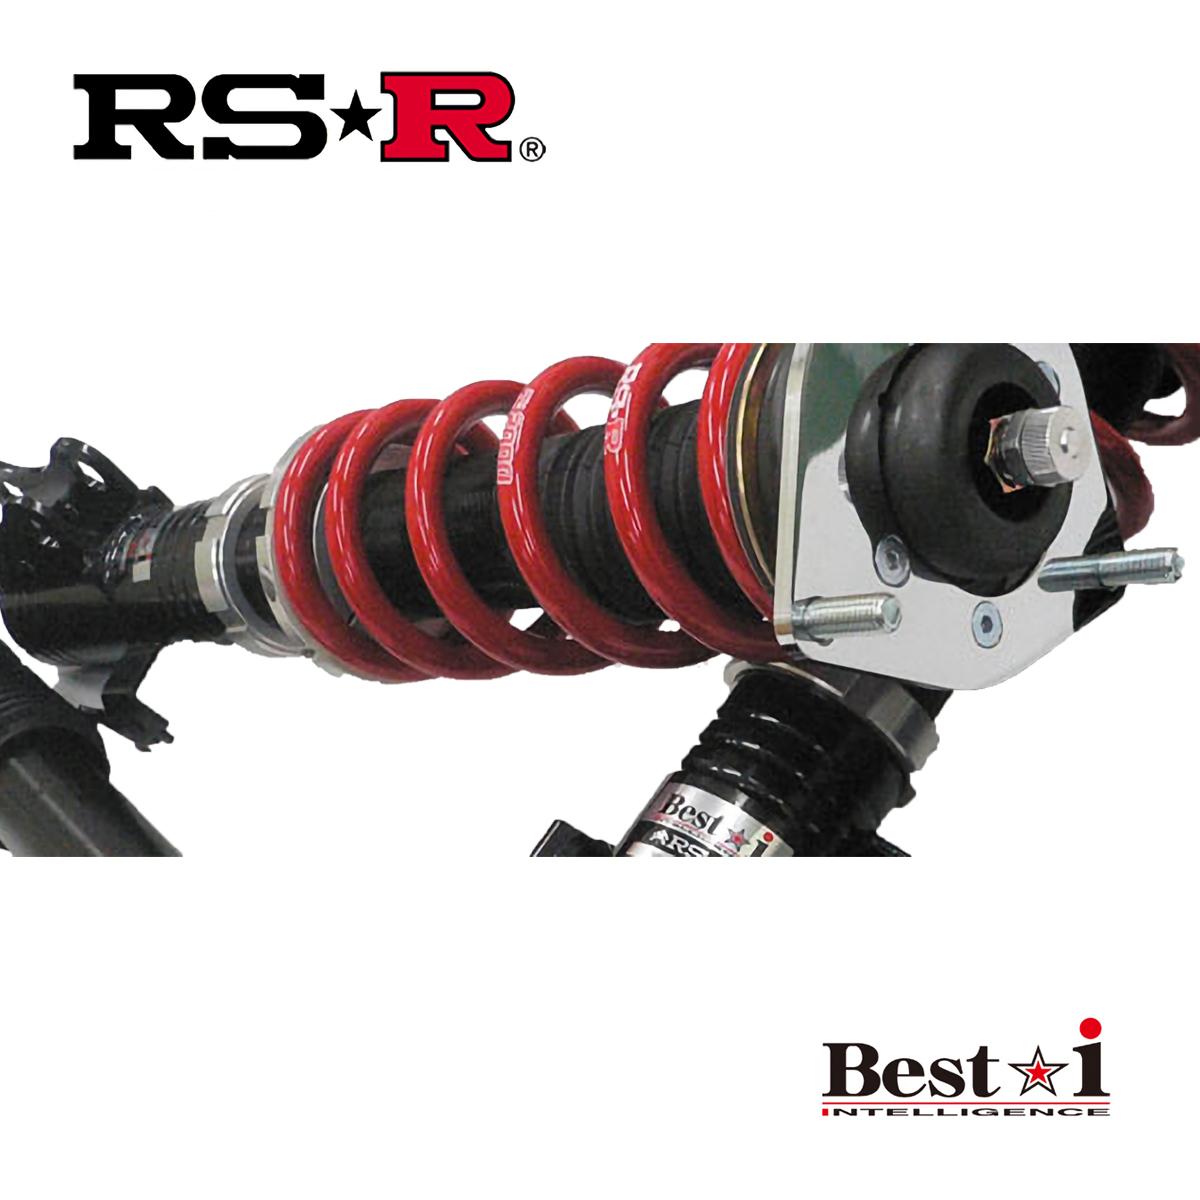 RS-R カローラツーリング ZRE212W S 車高調 リア車高調整: ネジ式 BIT813M ベストi RSR 個人宅発送追金有